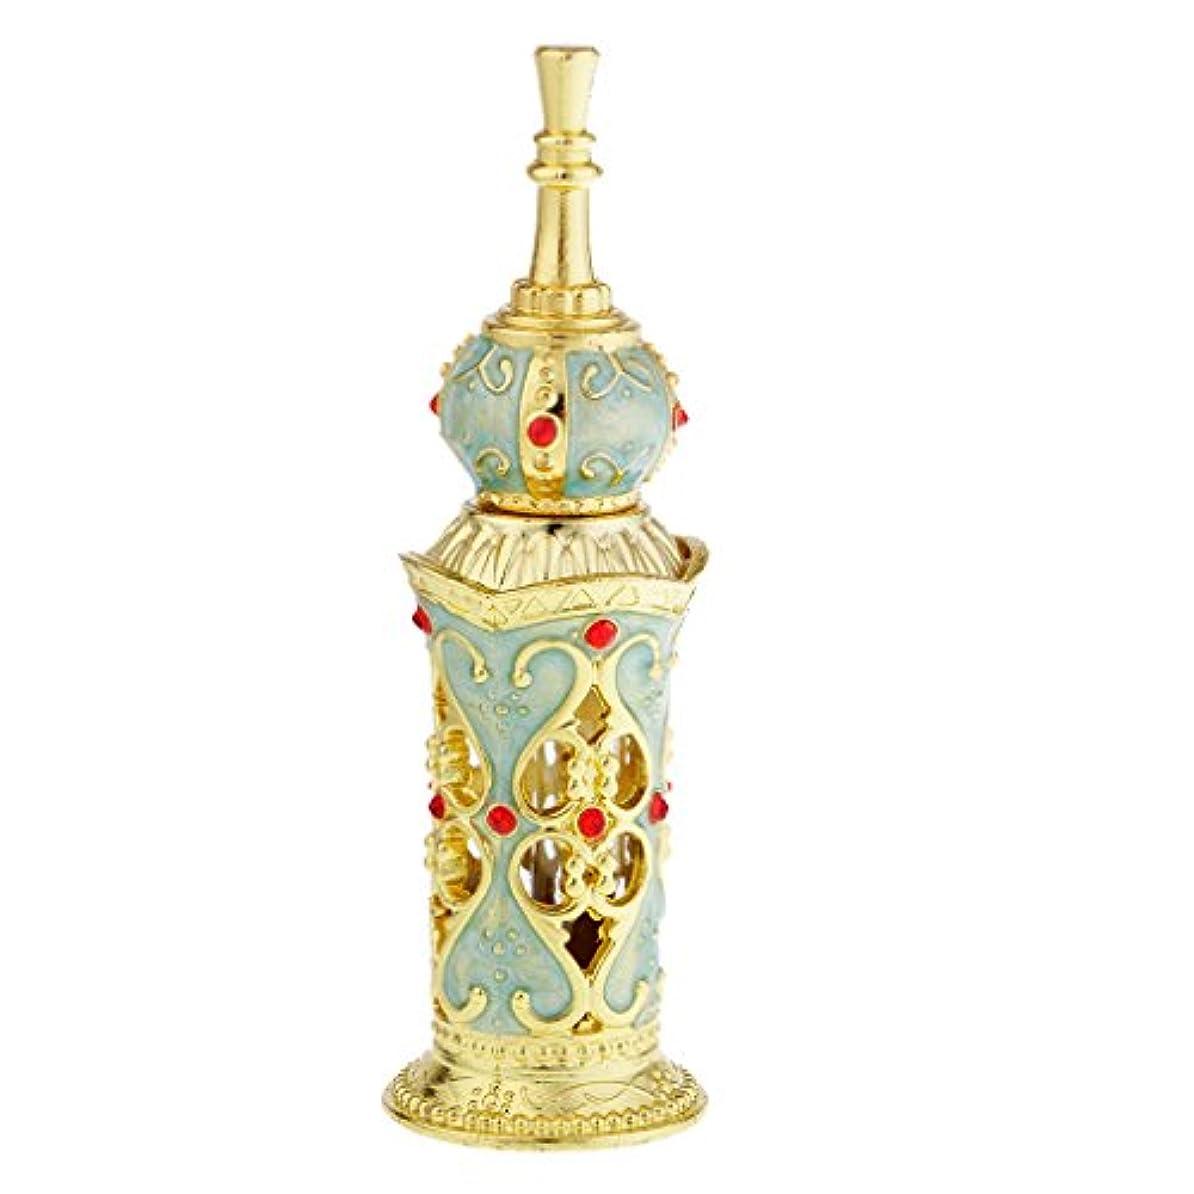 ピッチシネウィ一般的なヴィンテージ 詰め替え可能 香水瓶 ガラス空瓶 ローションホルダー 結婚式 オーナメント 10ミリリットル 全2色 - #2